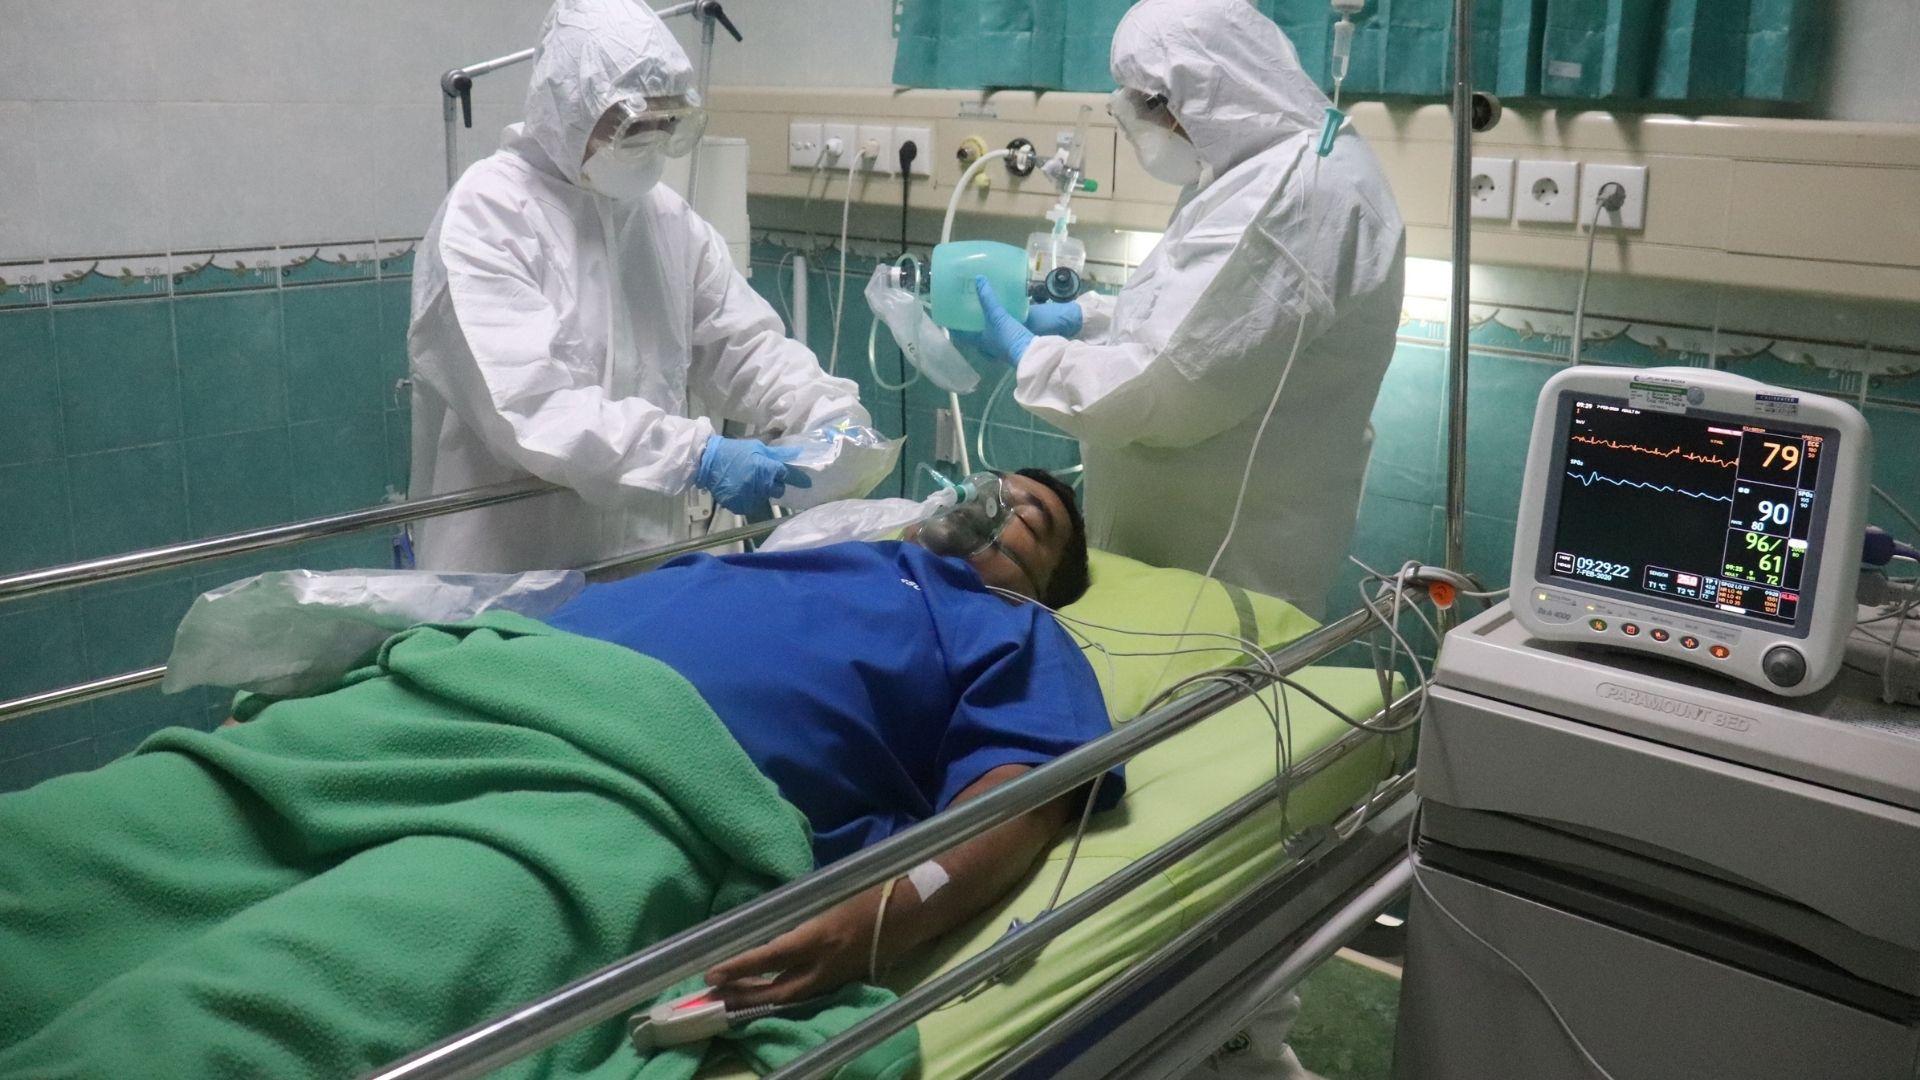 doctores atienden a paciente con covid que está sobre la cama del hospital. Chihuahua